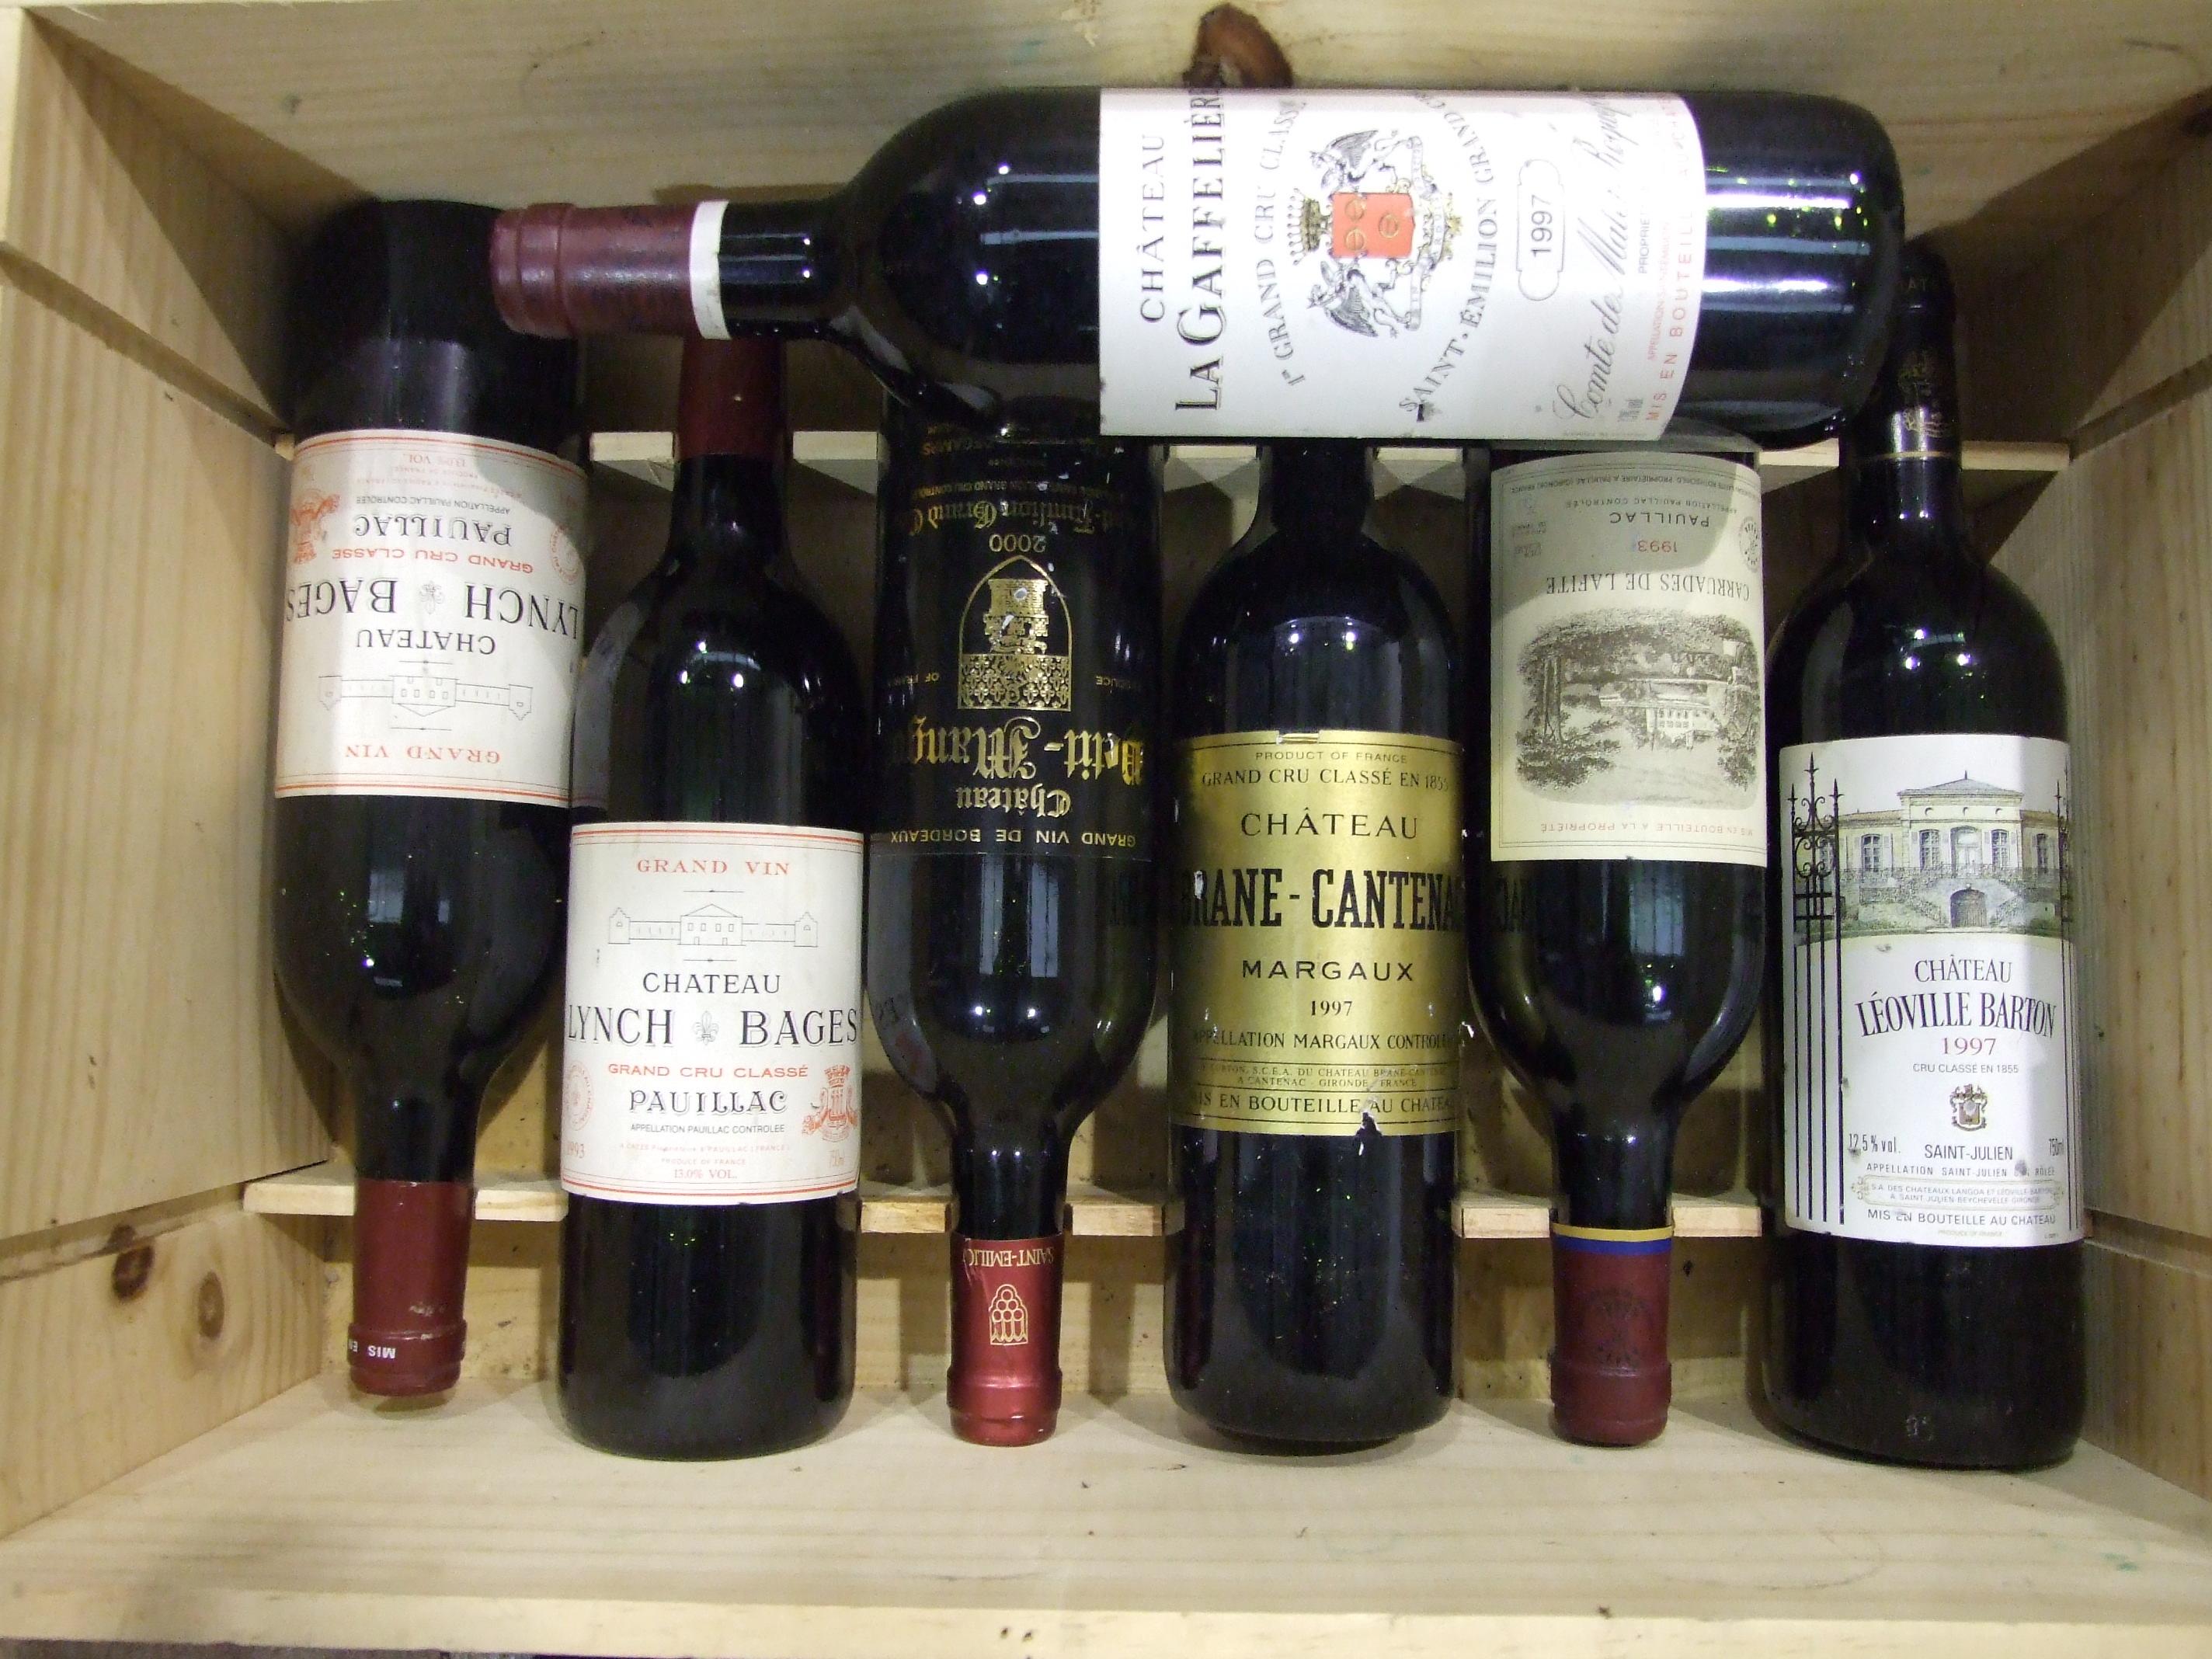 Lot 16 - Chateau Lynch Bages Grand Cru Classé Pauillac 1993, two bottles, Carruades de Lafite 1993, one